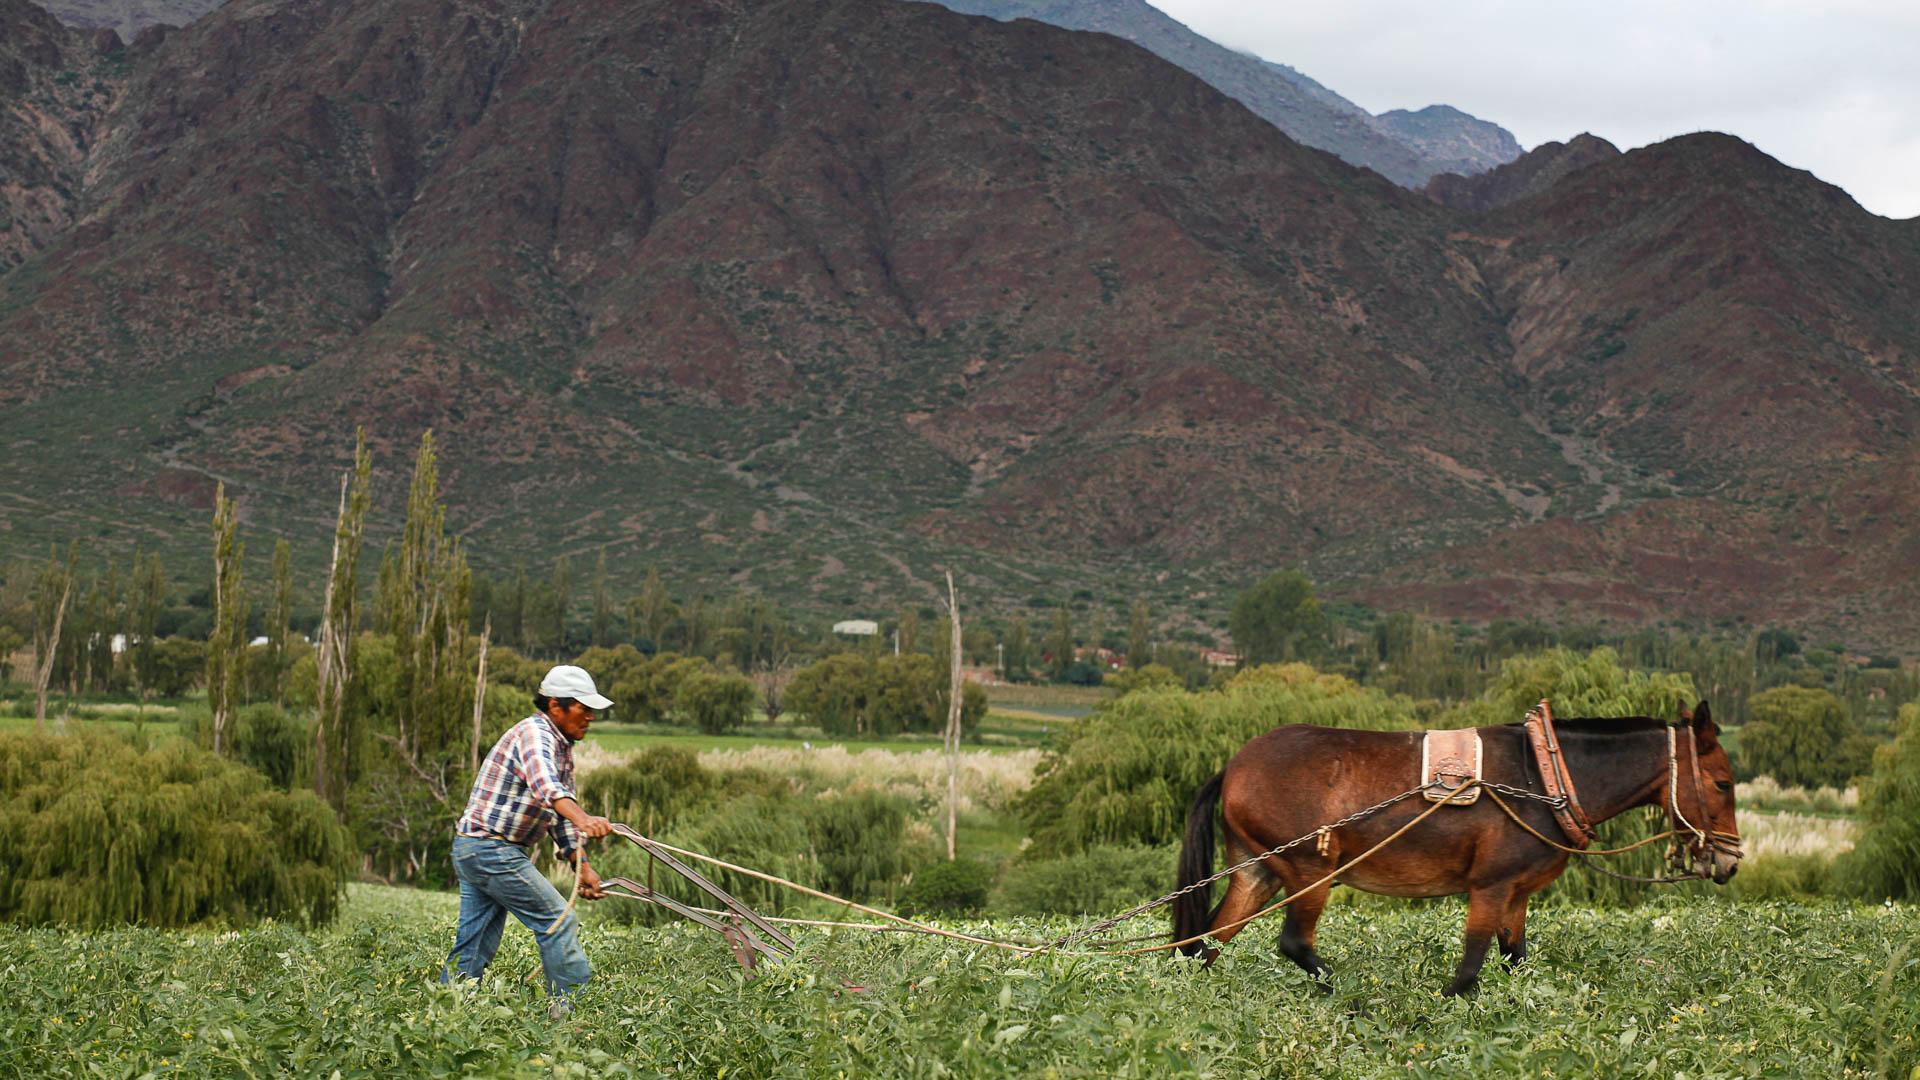 Un sacrificado campesino y su mula trabajan la tierra en el valle de Cachi Adentro.